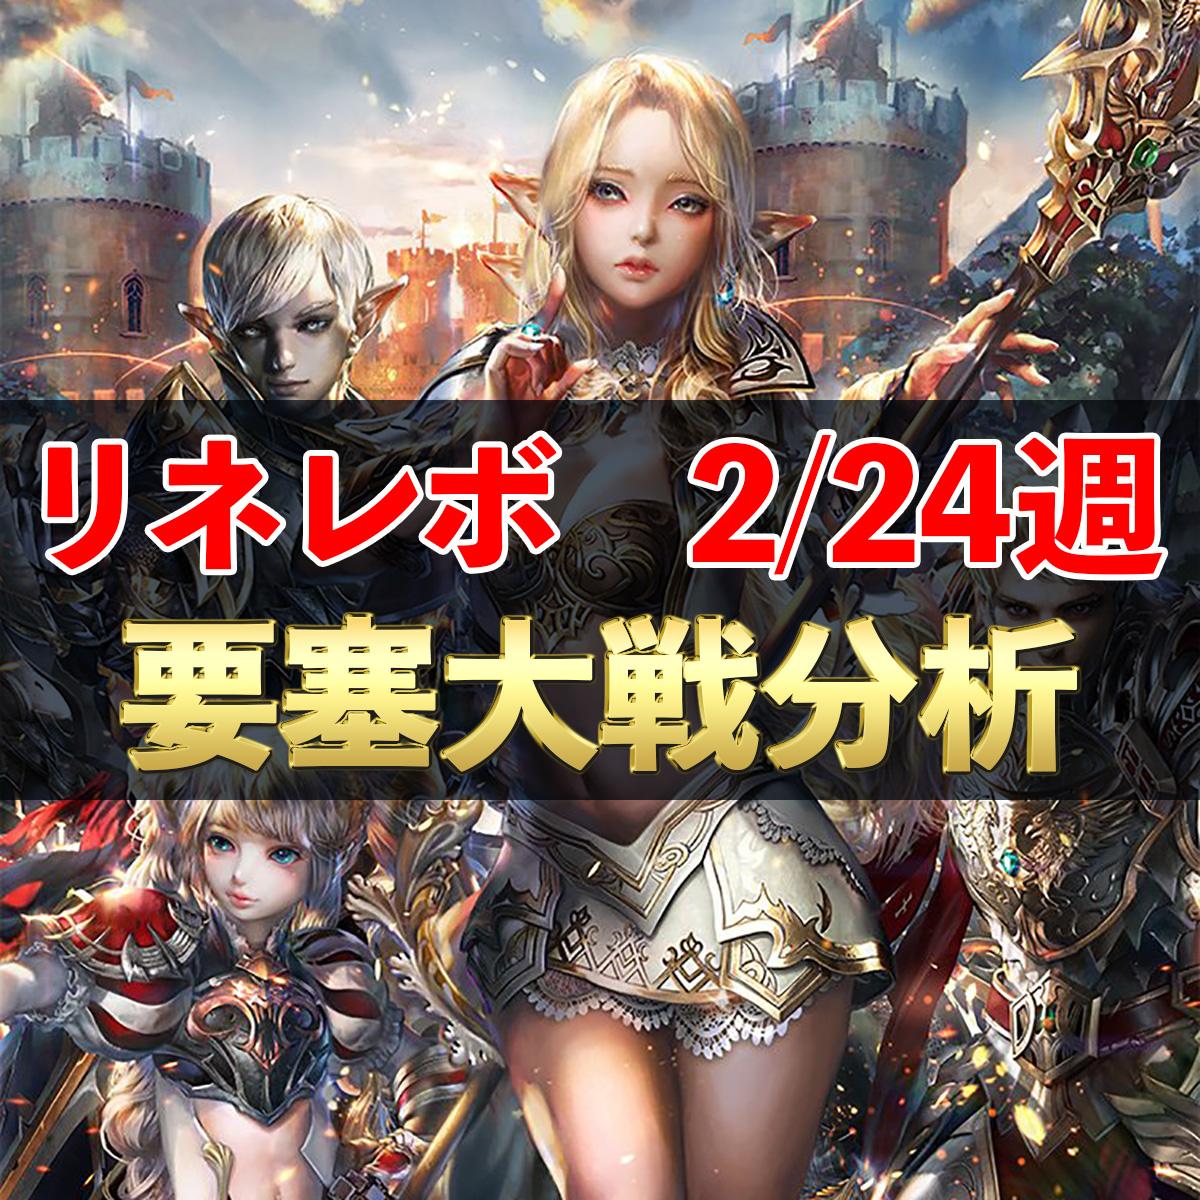 【リネレボ】2/24週 要塞大戦戦績分析